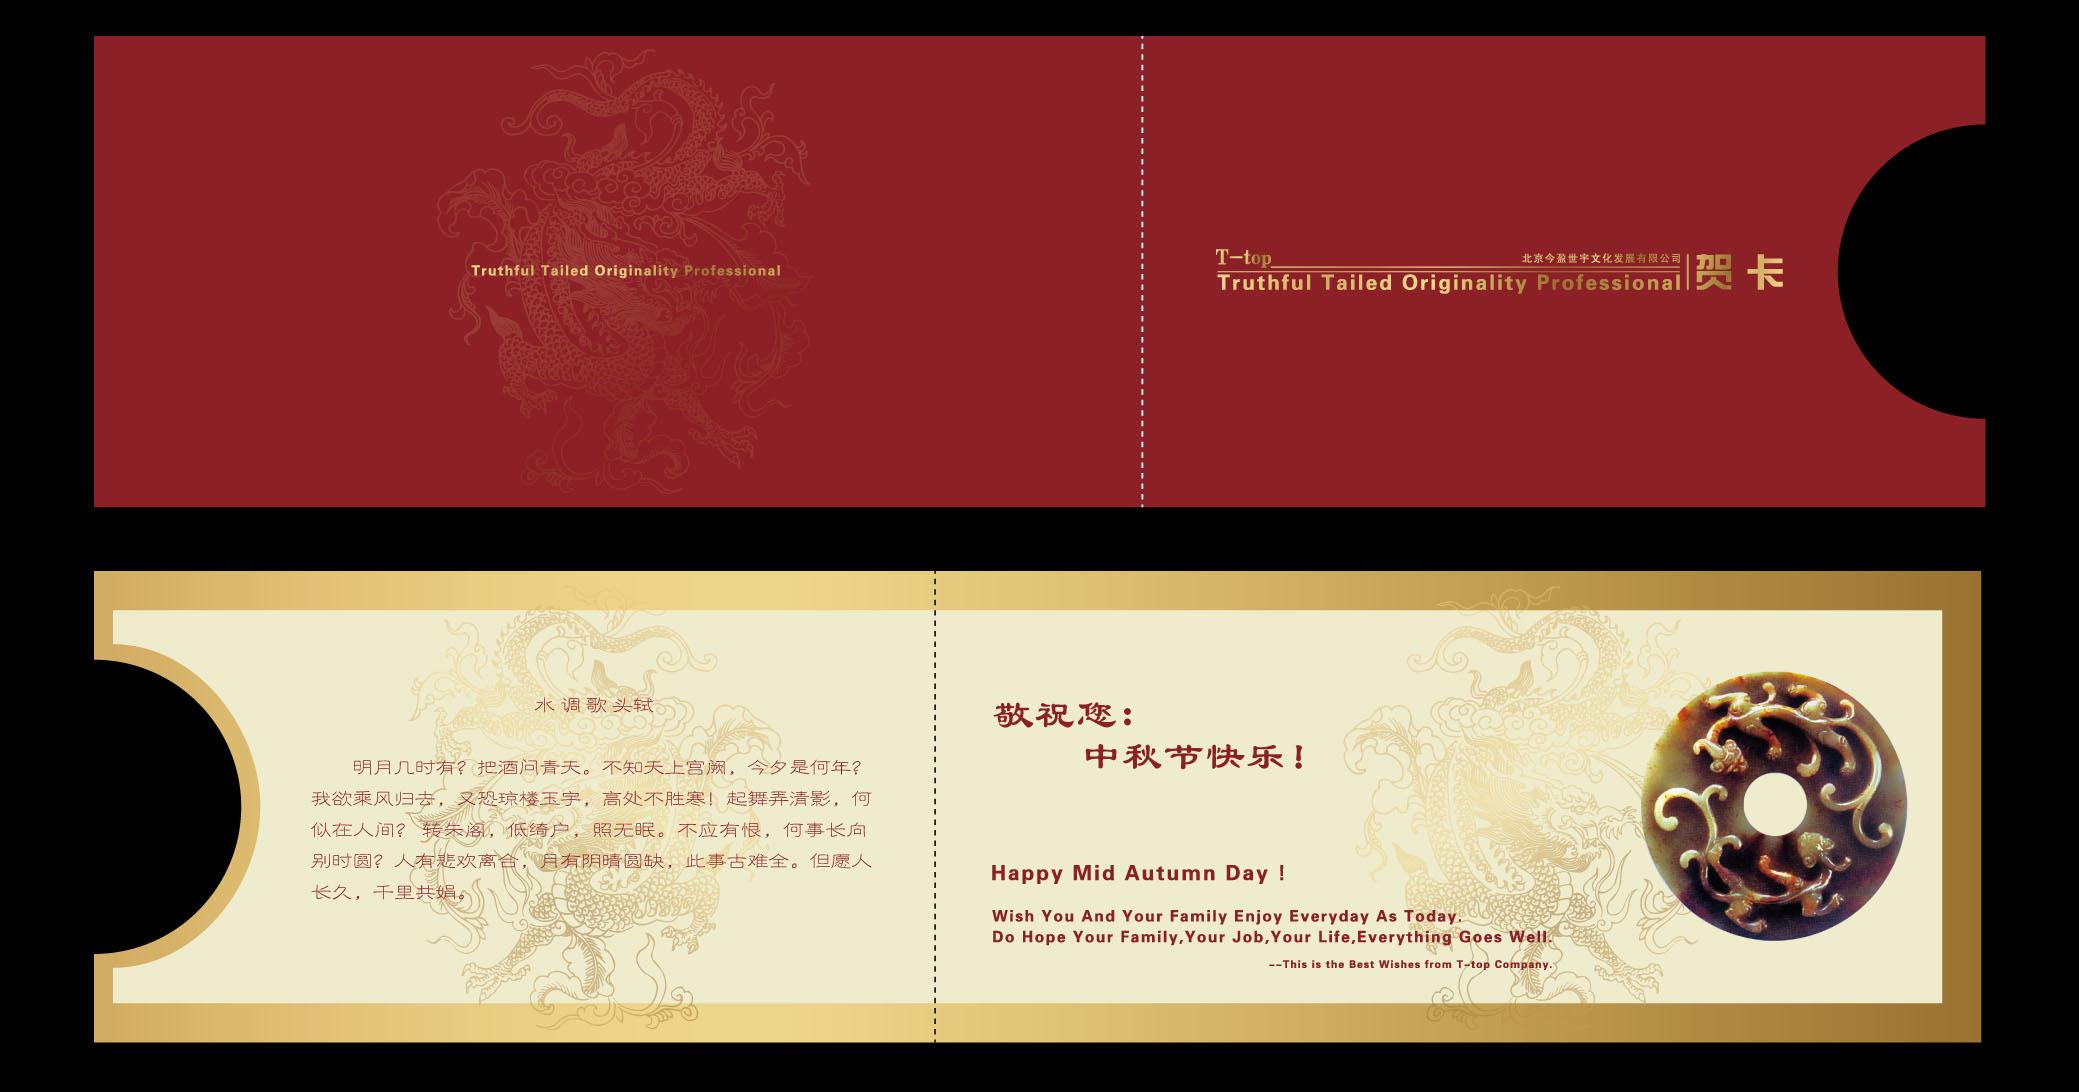 2010年中秋节贺卡